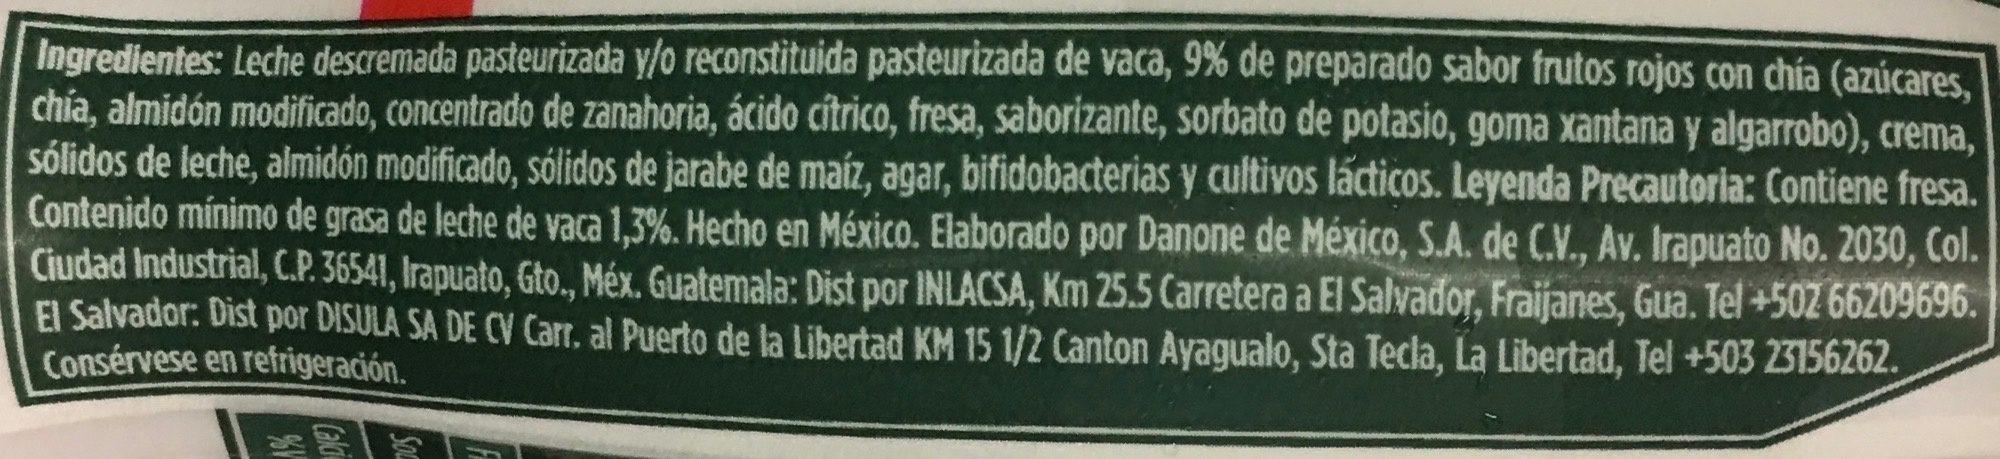 Activia Semillas Selectas Danone - Ingrediënten - es